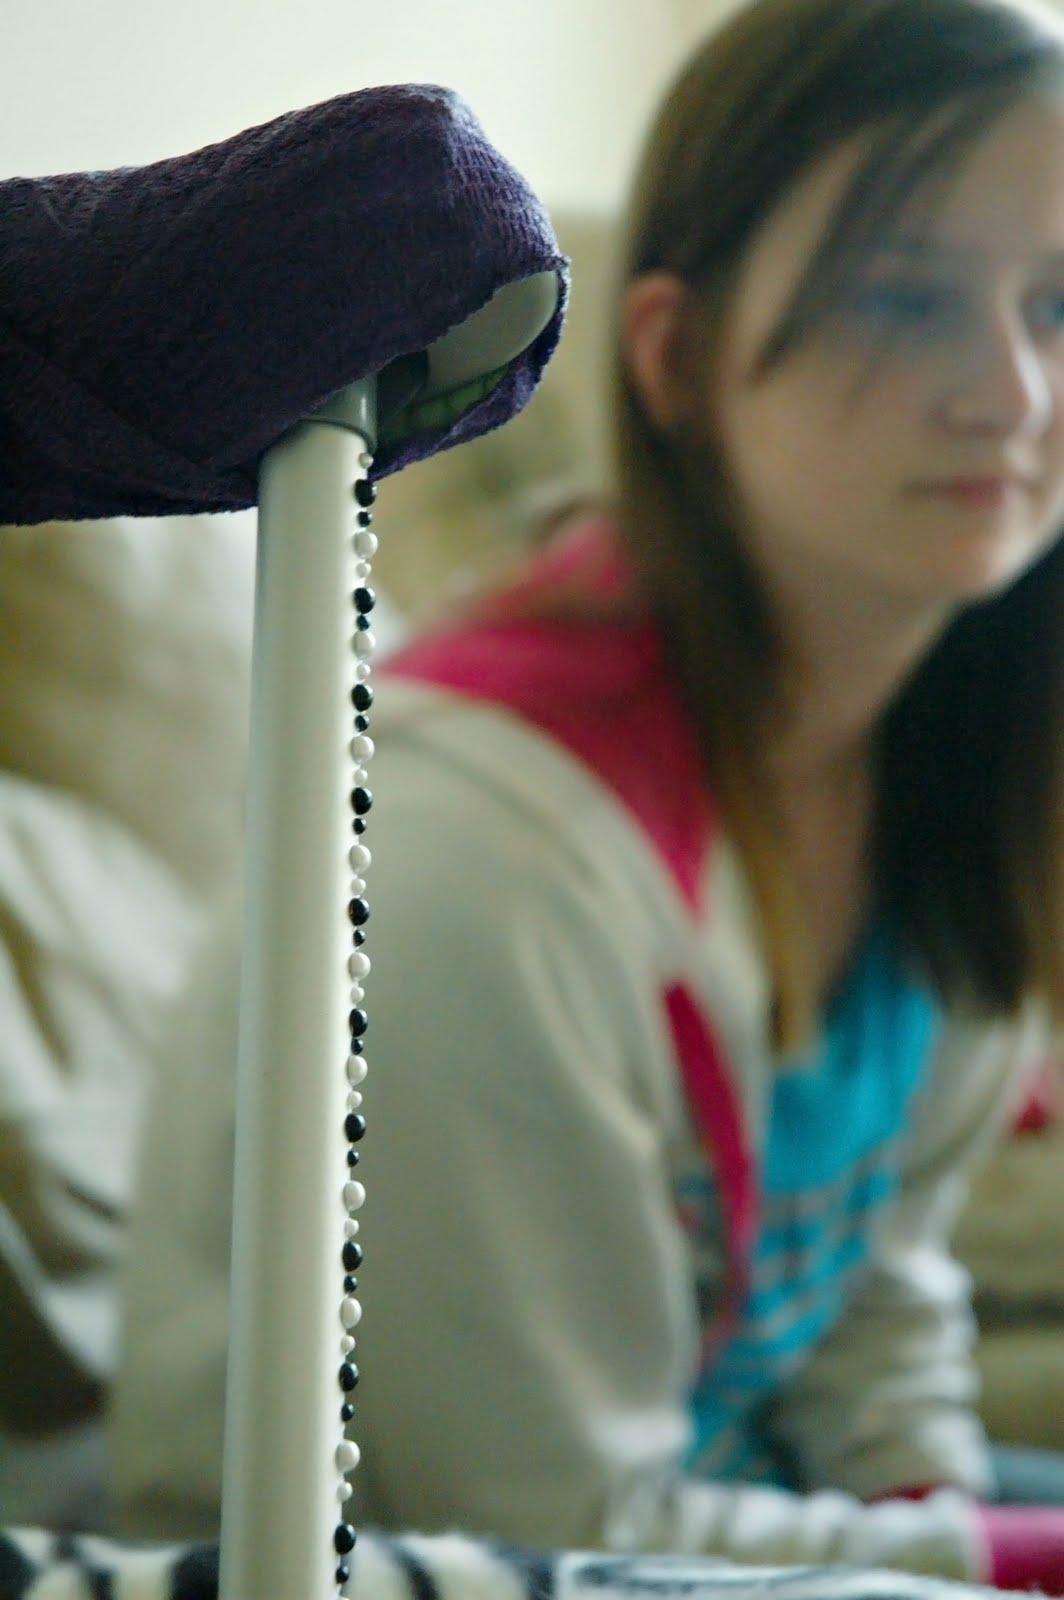 http://1.bp.blogspot.com/_UKapV3lW97Q/SwPkTkehIEI/AAAAAAAAAZQ/odFN2X17gyc/s1600/Erin+crutches.jpg